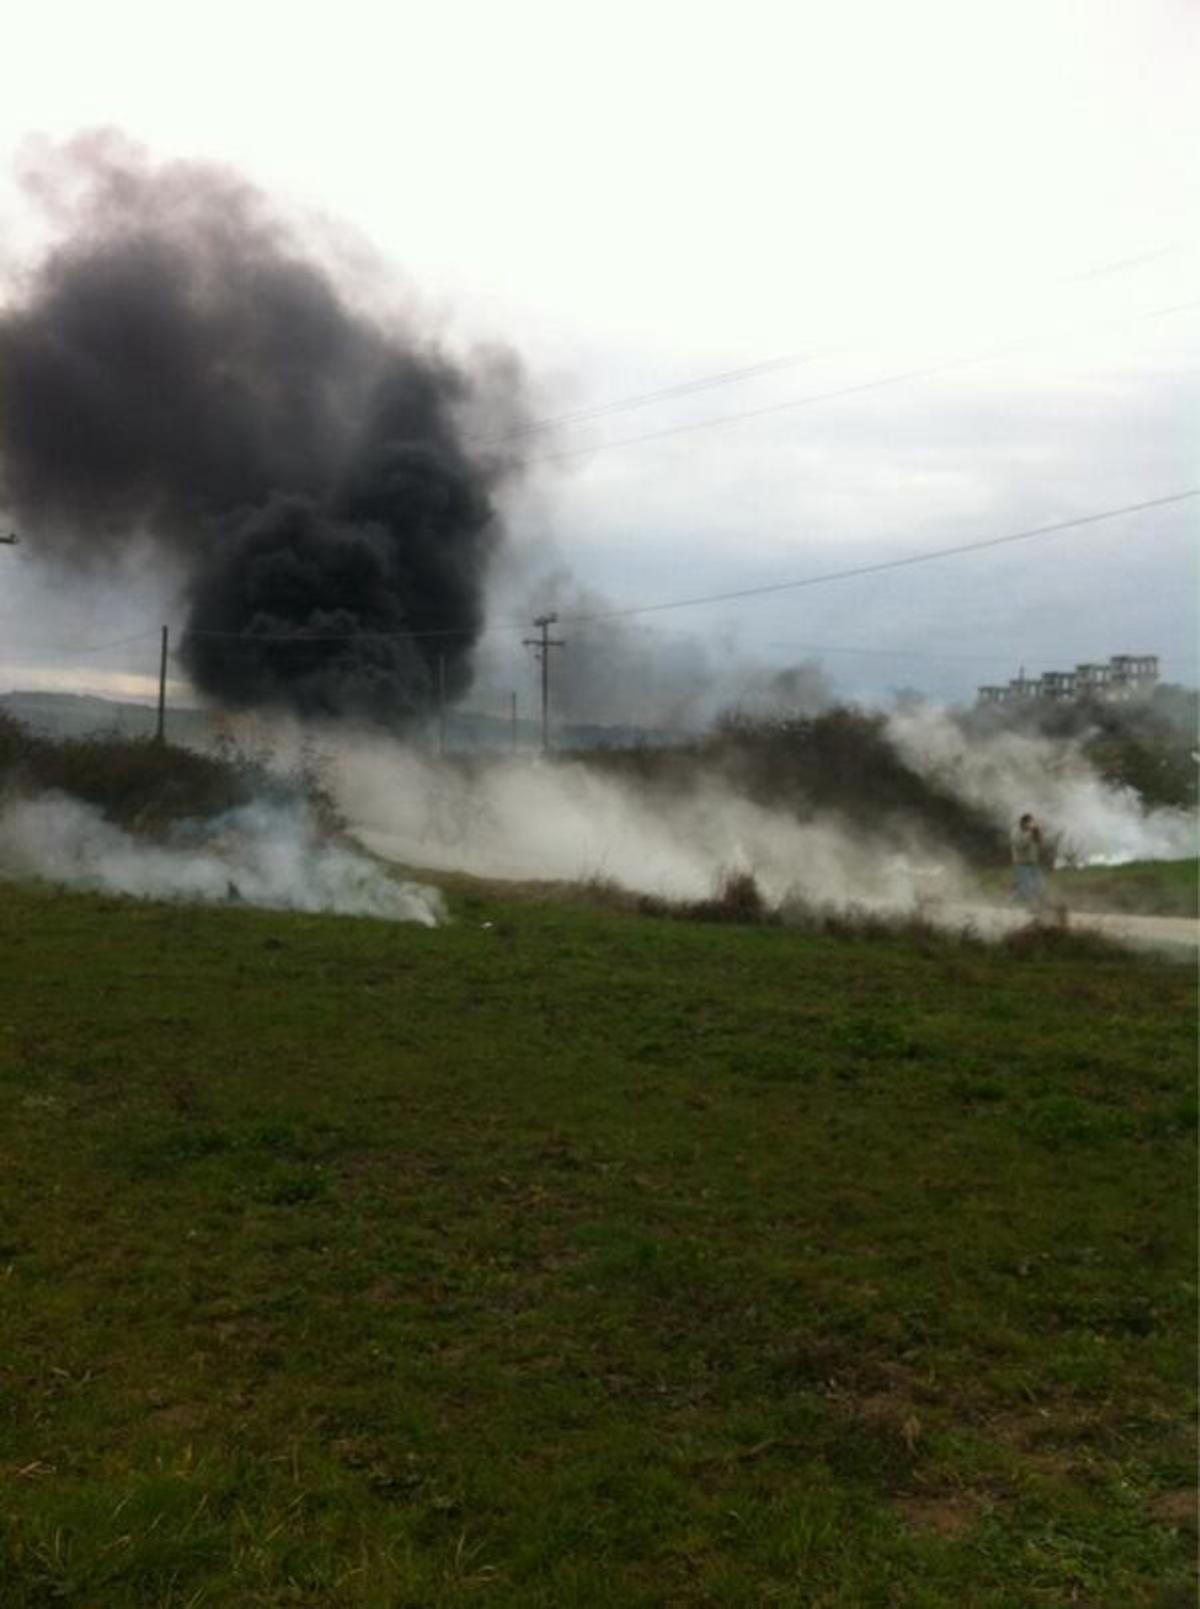 Πόλεμος» στις Σκουριές Χαλκιδικής – Δακρυγόνα σε σχολείο και πετροπόλεμος γύρω από αστυνομικό τμήμα – Προσαγωγές και συλλήψεις | Newsit.gr